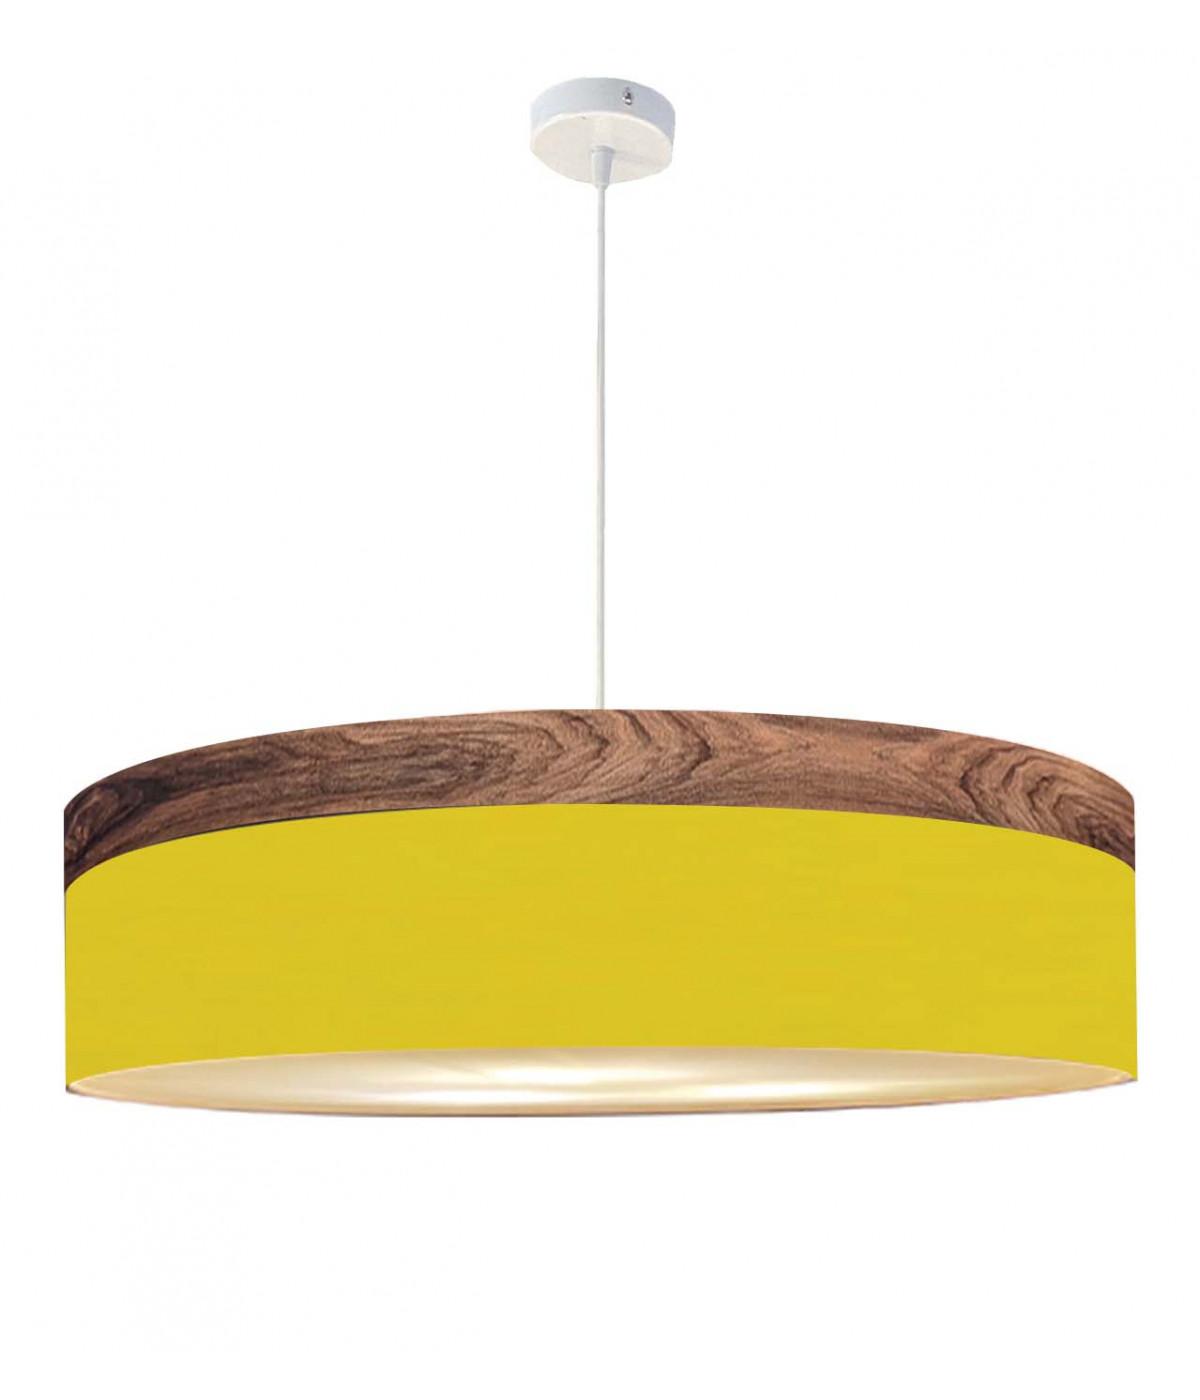 Suspension jaune d 65 cm